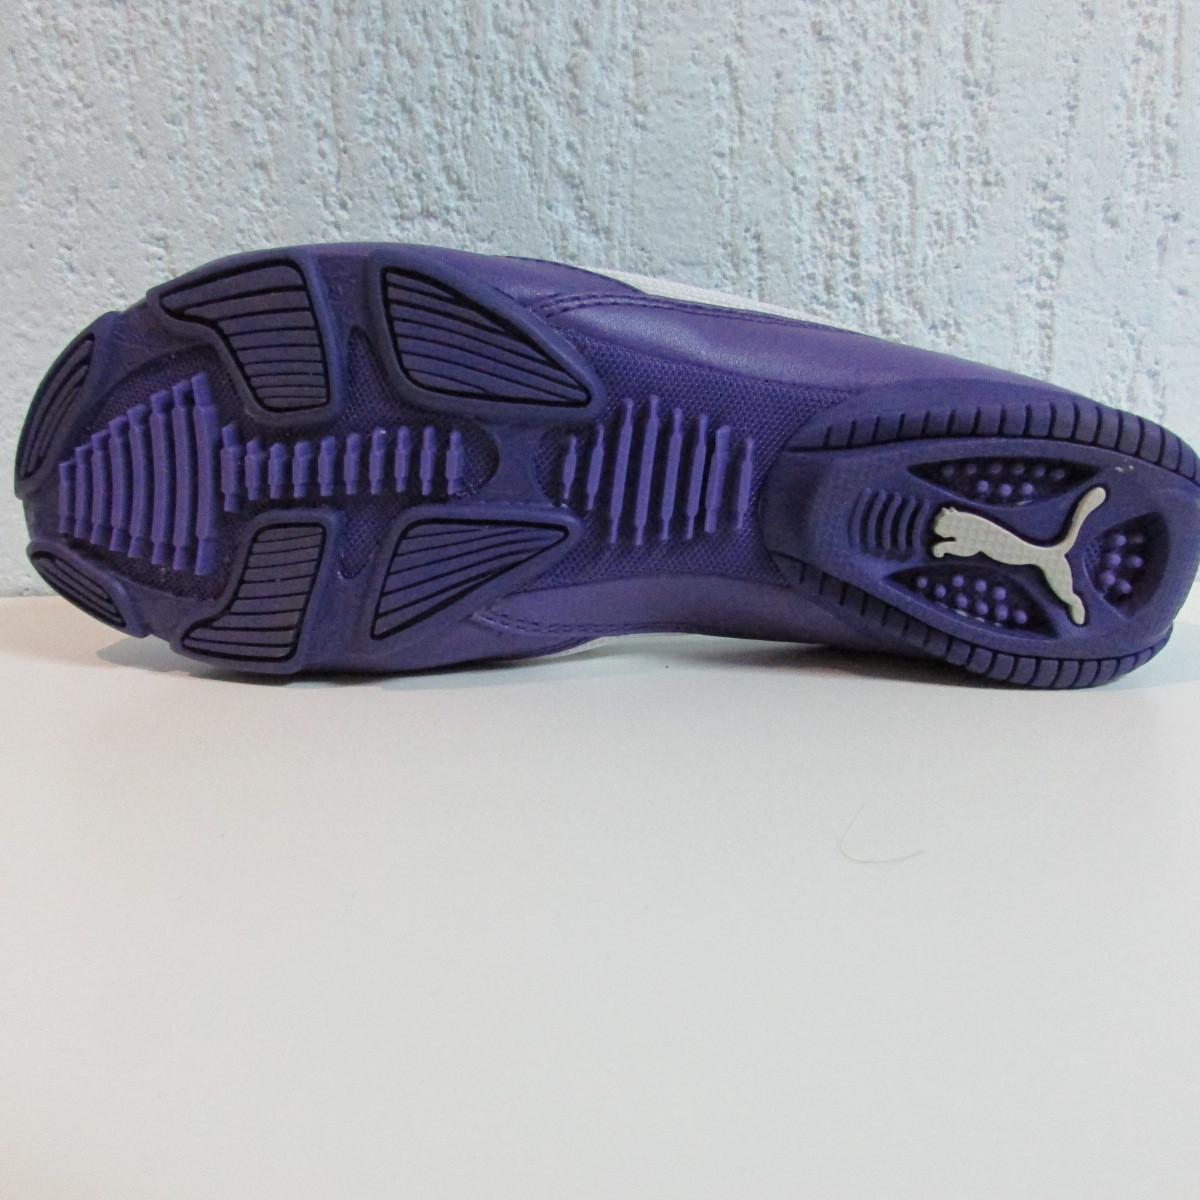 8e15f949d12e ... Балетки женские фиолетовые с белым Puma 303405-04 оригинал код 124А,  фото 3